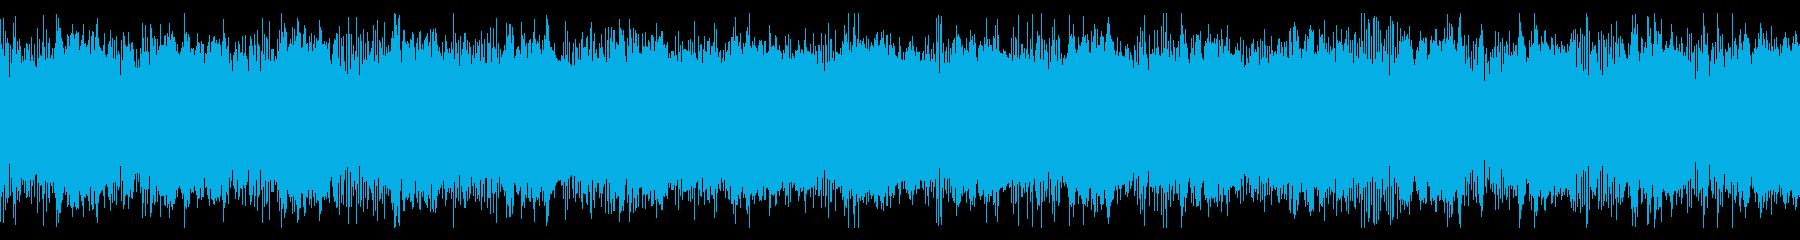 メカニックなアラート音の再生済みの波形